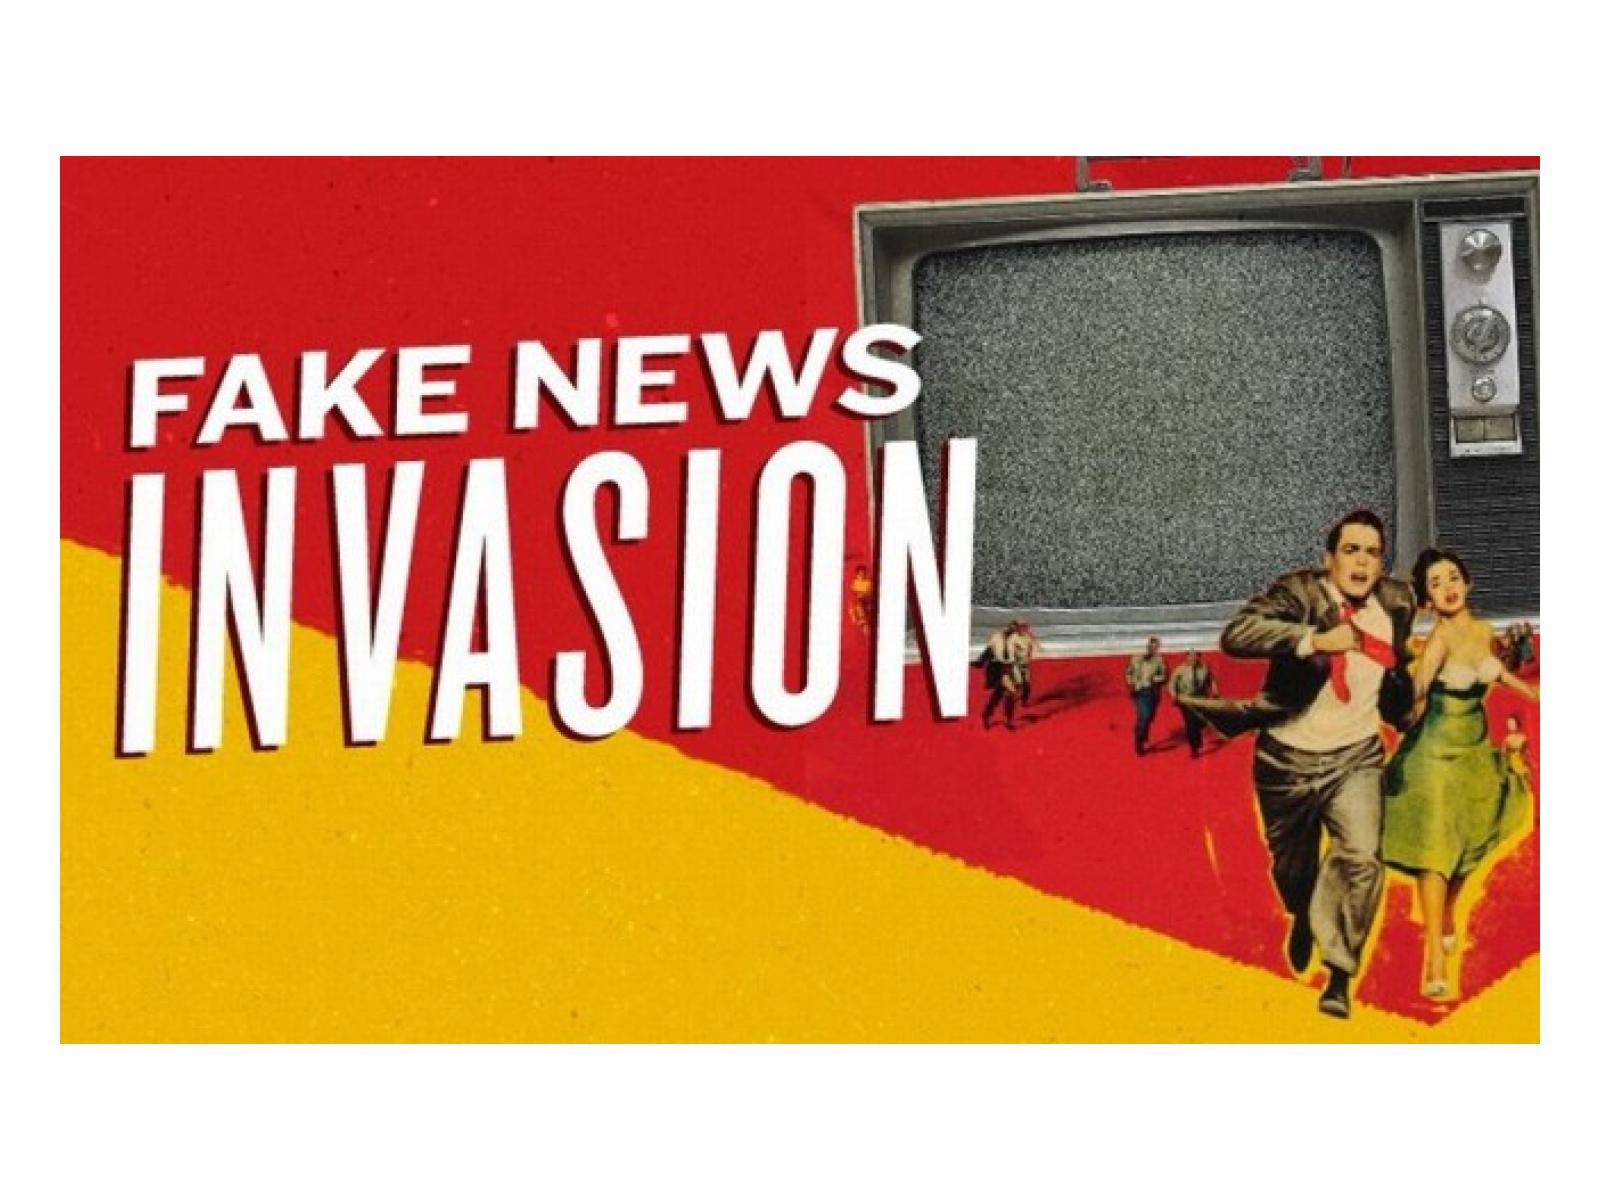 Entendendo as fake news